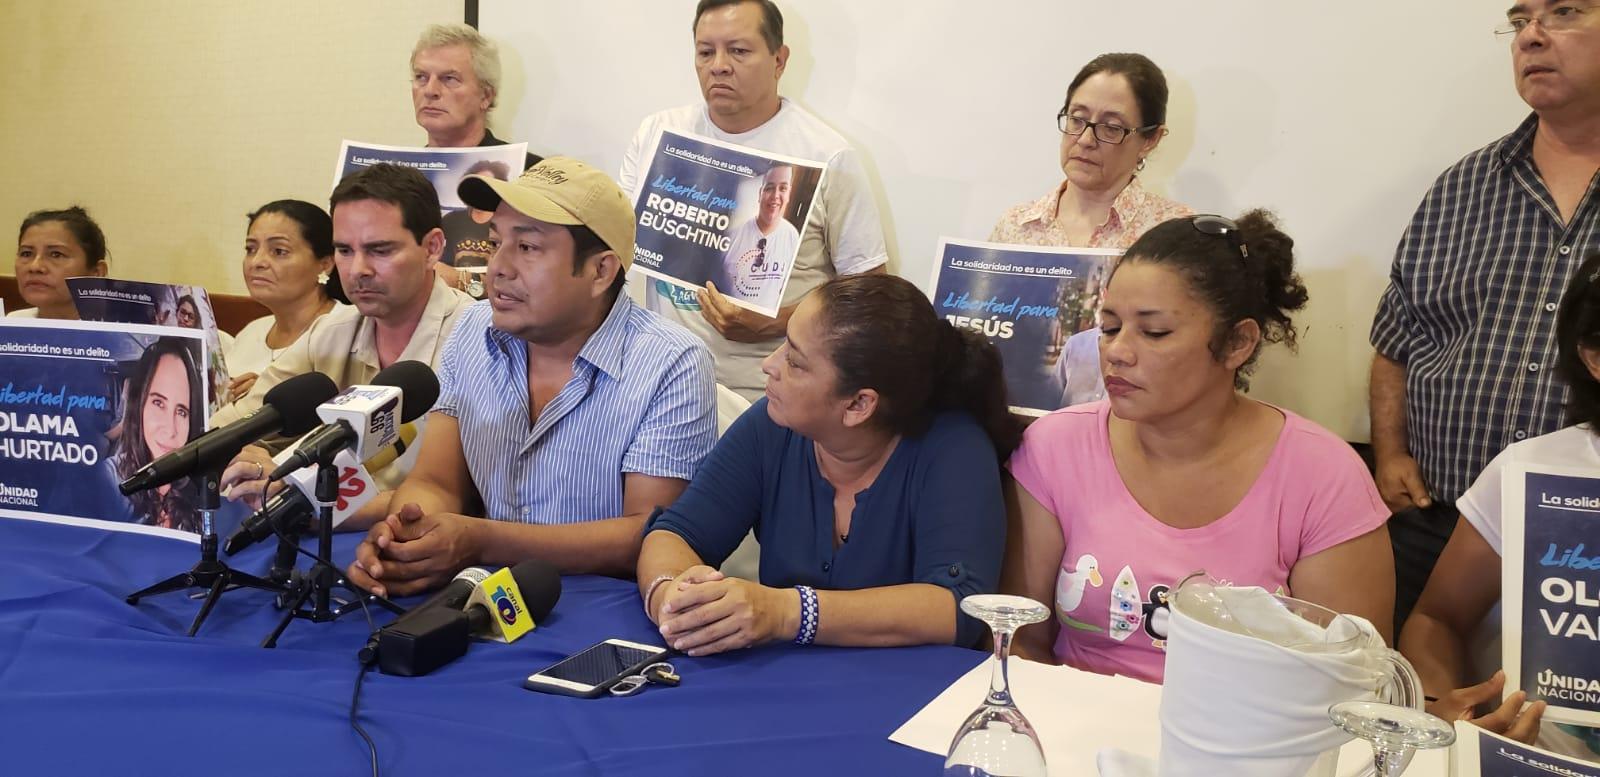 """Familiares de las presas y presos políticos de """"la banda de los aguadores"""", durante la conferencia de prensa. Foto: G. Shiffman / Artículo 66"""